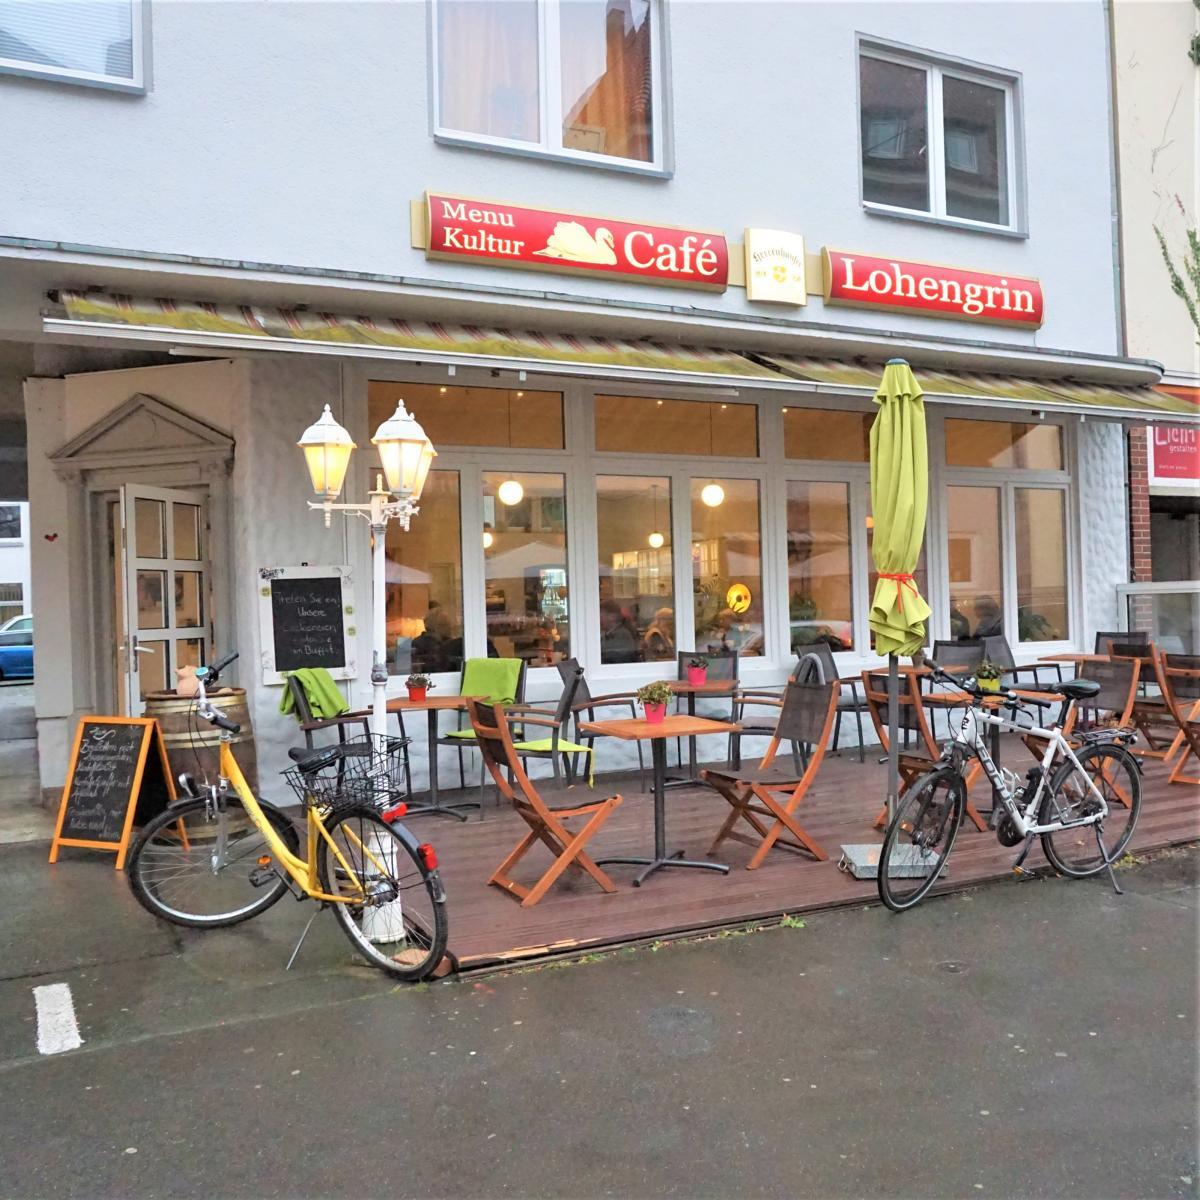 Style Hannover Café Lohengrin 1 - Café Lohengrin = Kleines Kulturzentrum